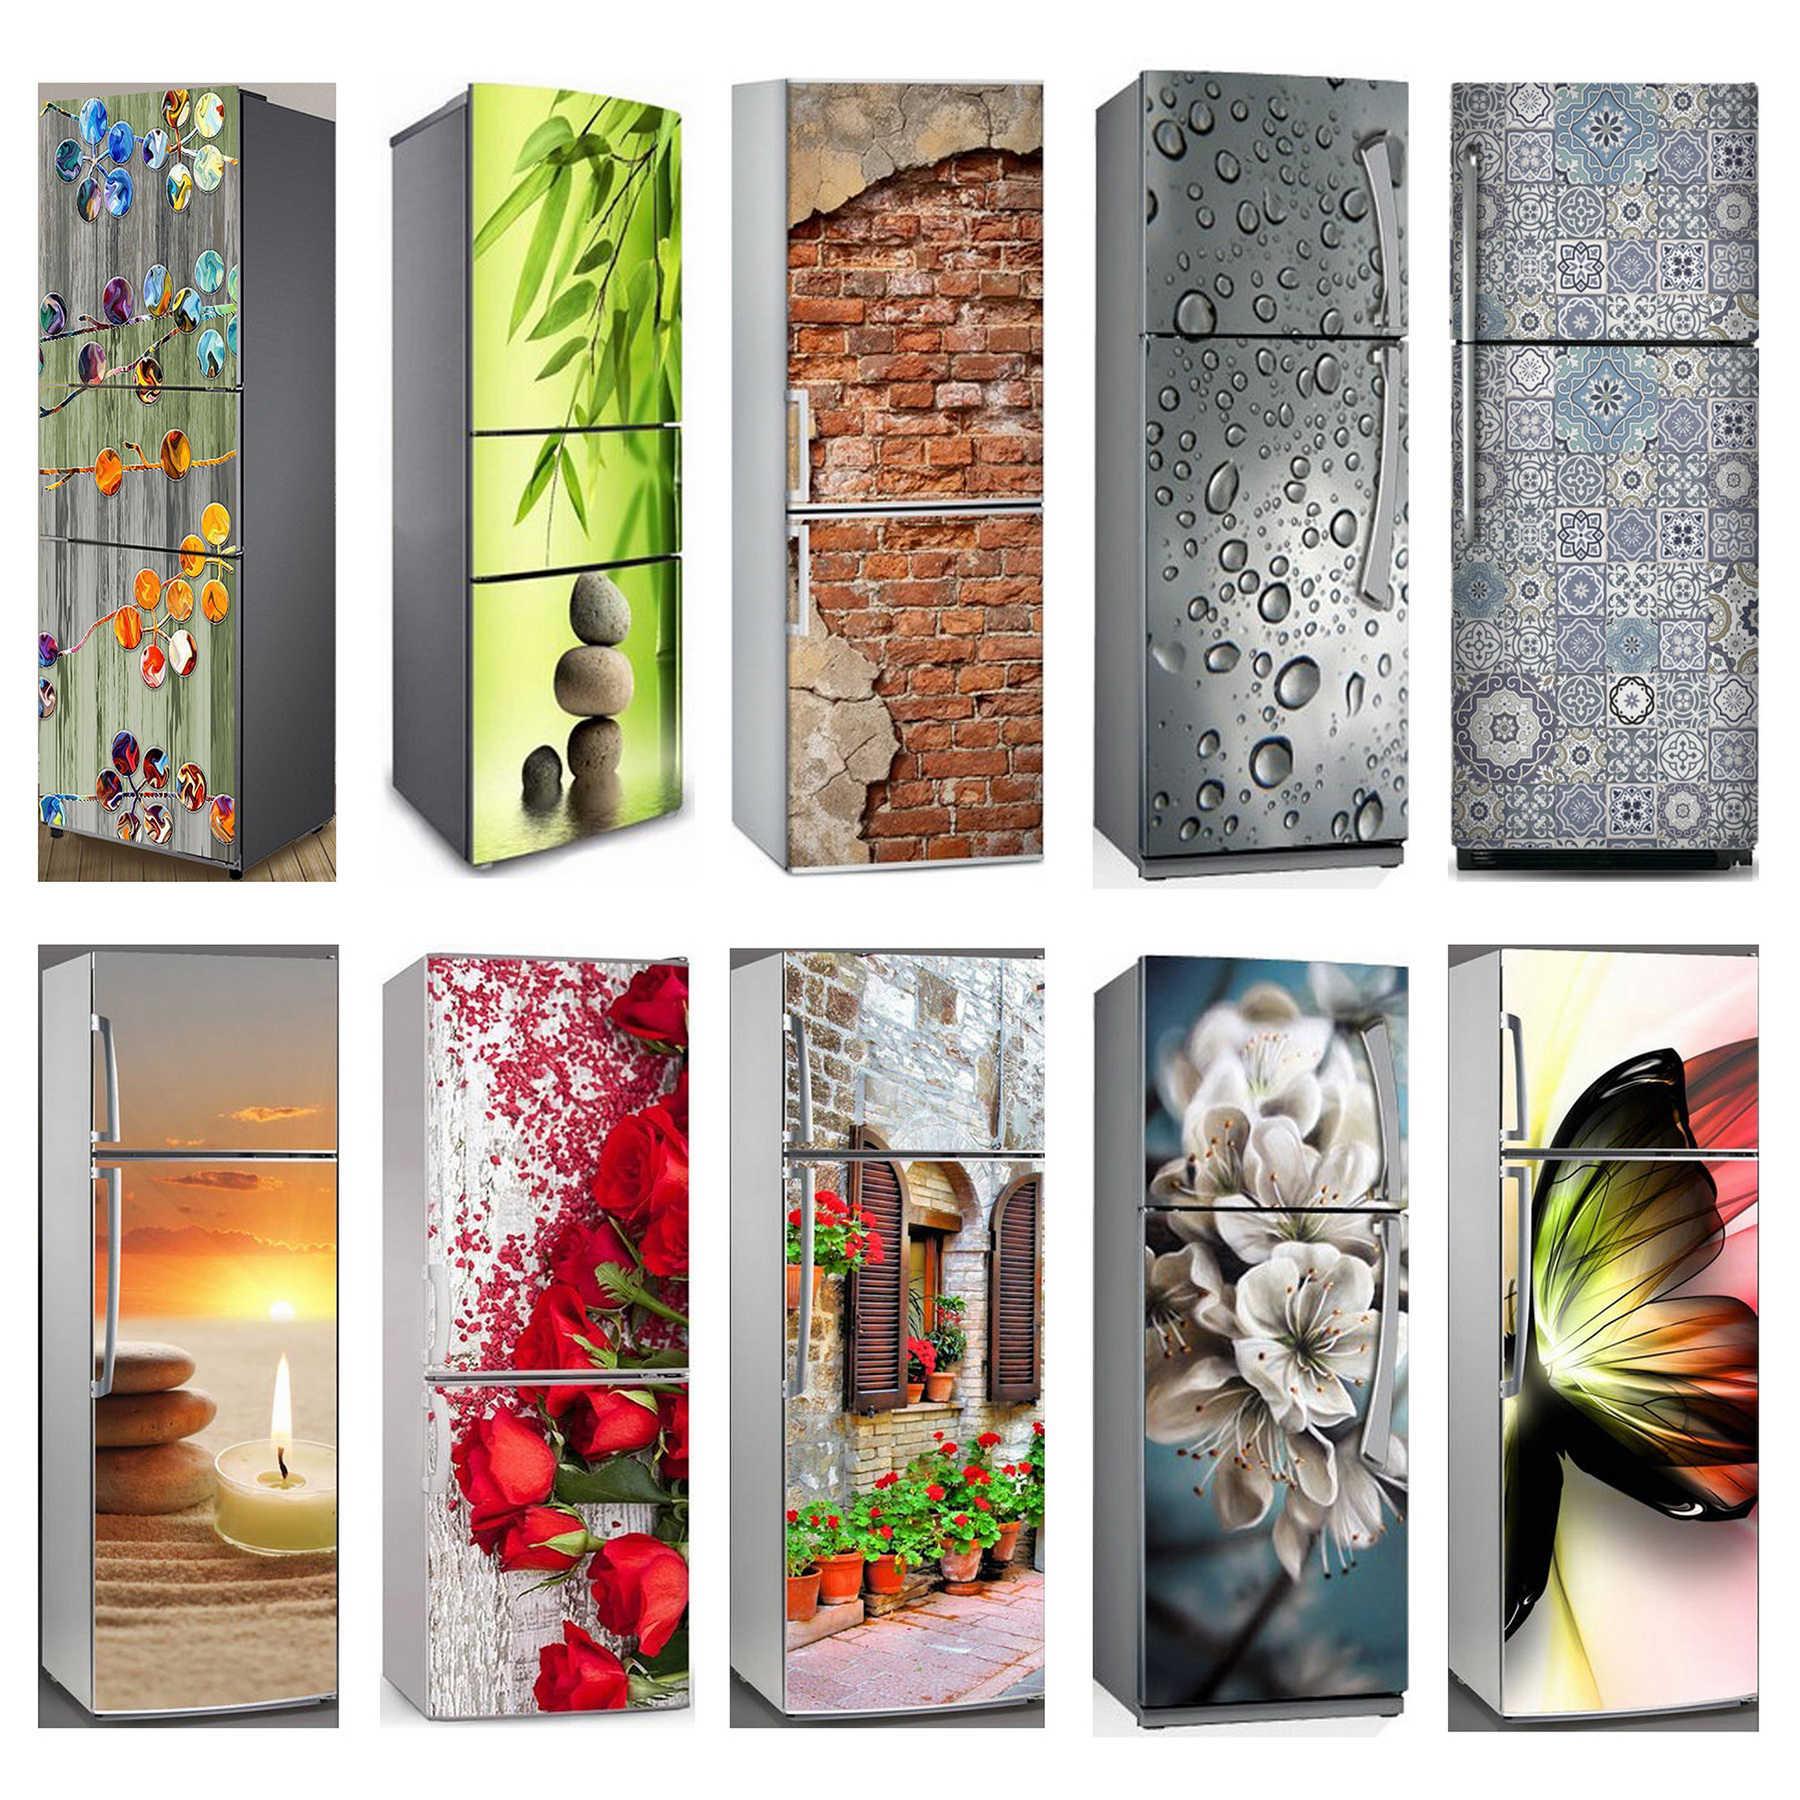 3D Tự Dính Máy Rửa Bát Tủ Lạnh Bọc Tủ Đông Miếng Dán Kid Nghệ Thuật Của Tủ Lạnh Cửa Bao Giấy Dán Tường